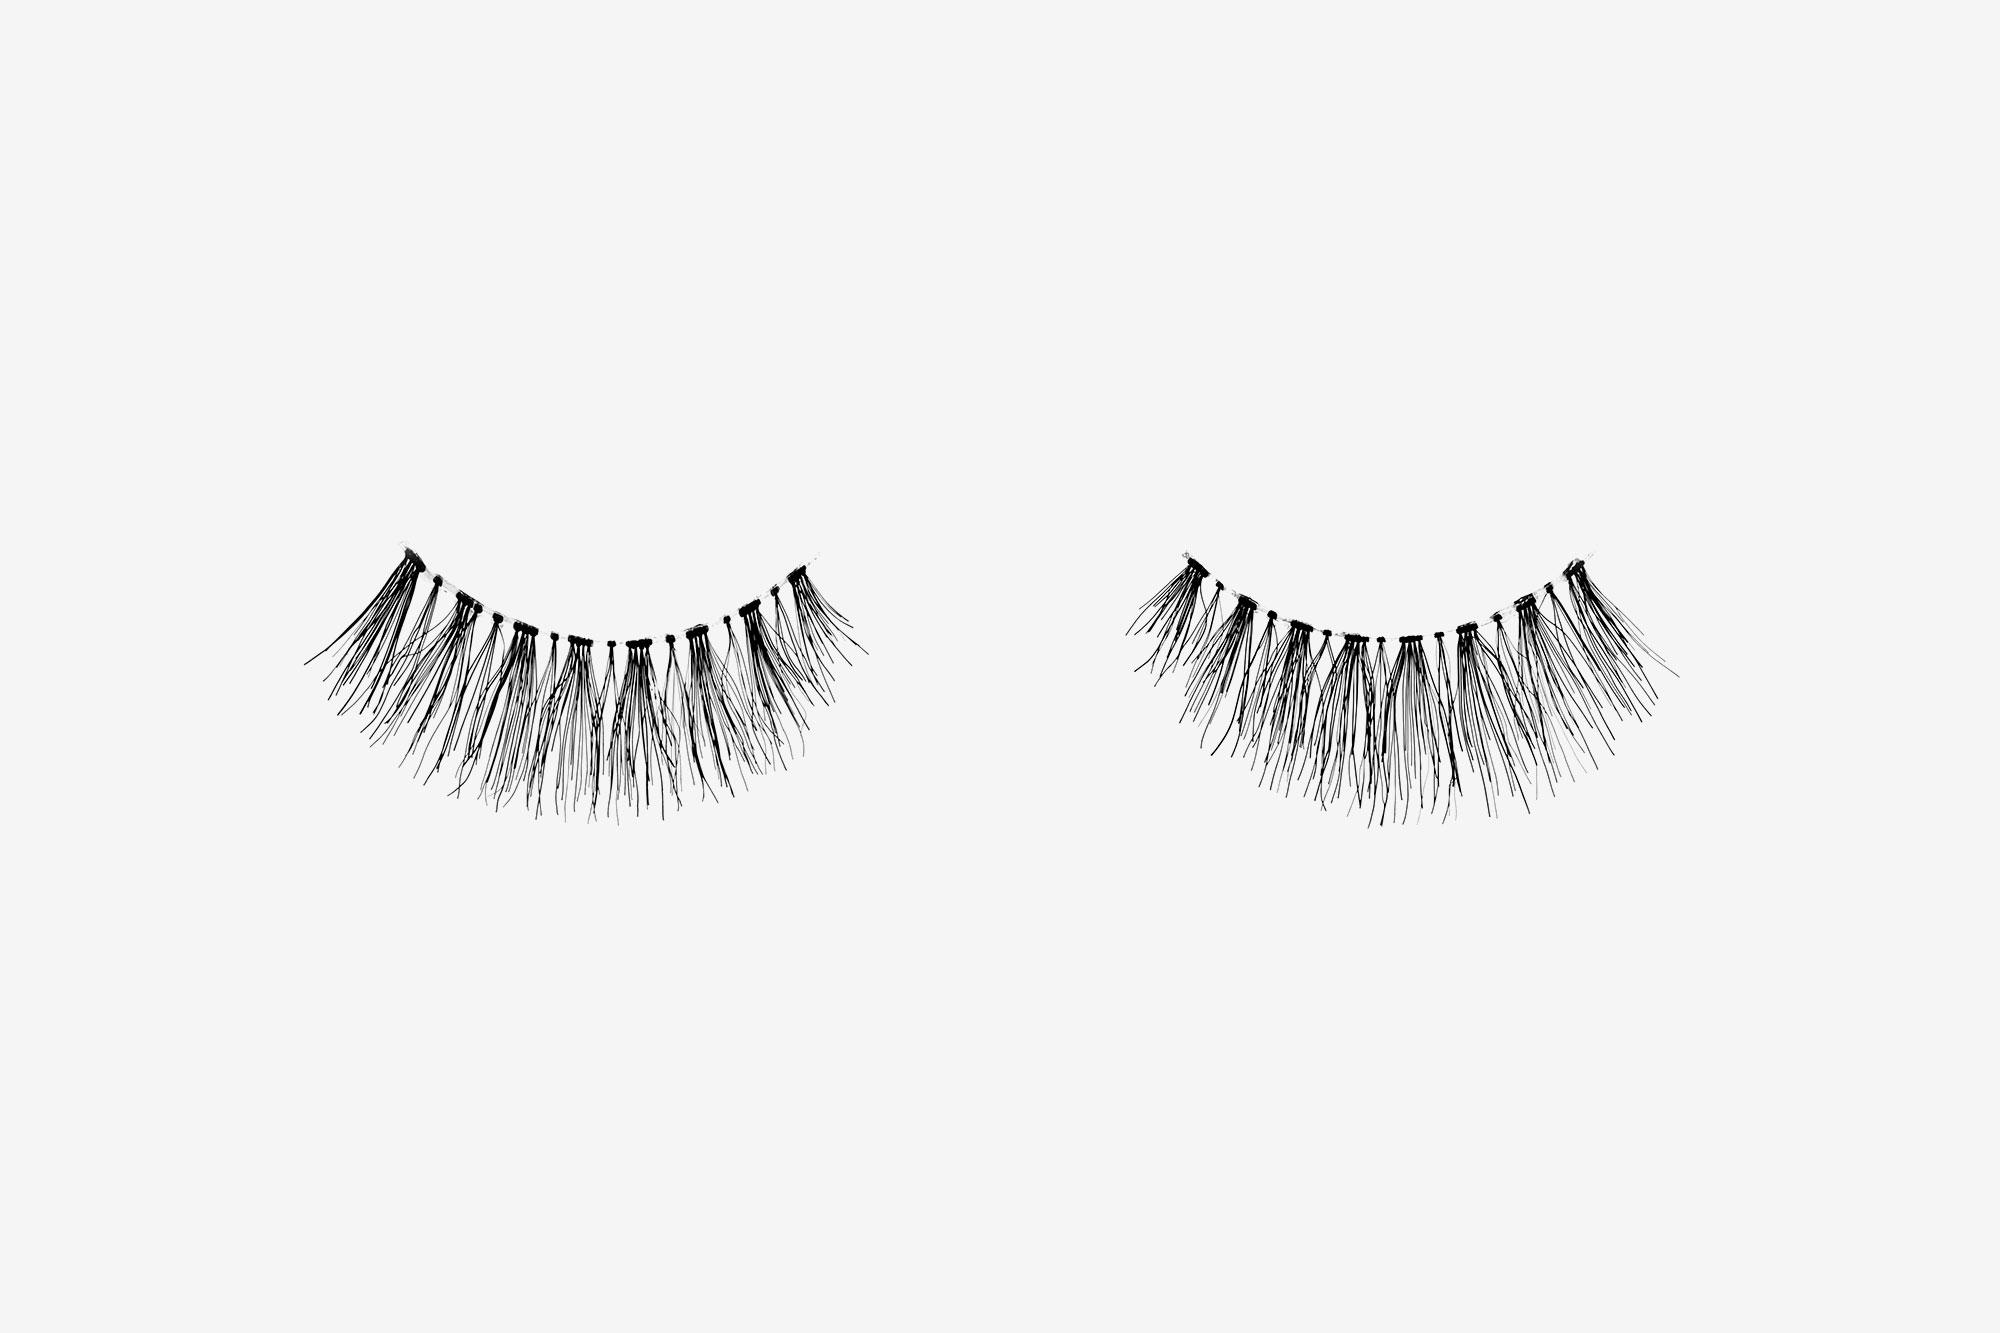 Kourtney False Eyelashes, pair of false eyelashes side by side on grey background